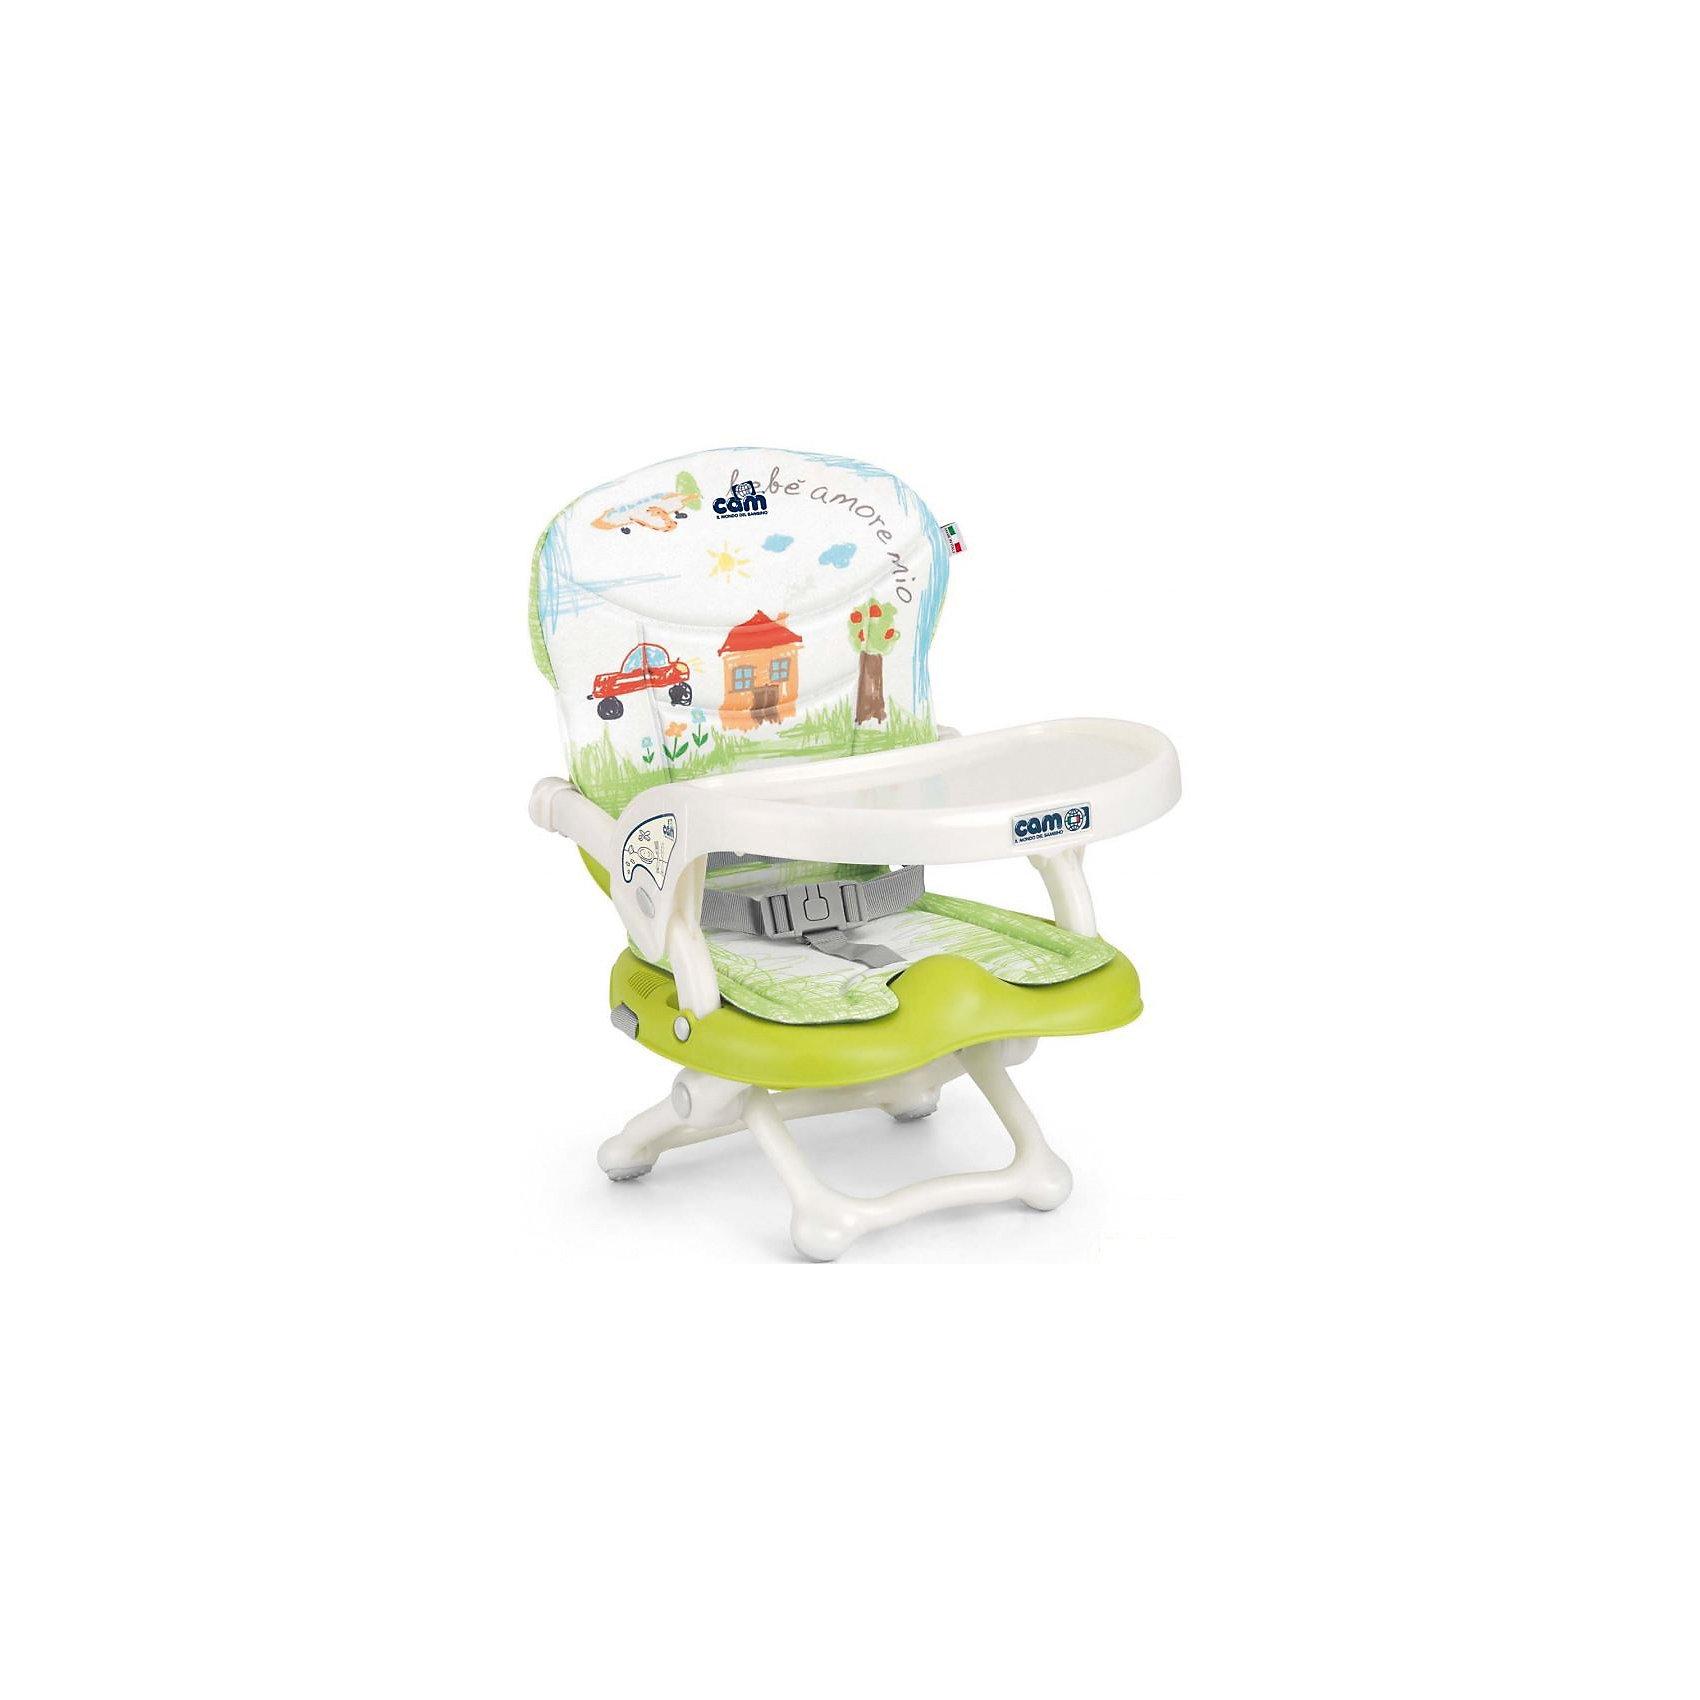 Стульчик для кормления Smarty Pop, CAM, салатовый Bebe amore mioSmarty Pop - переносной стульчик для кормления, идеально подходящий для активных и мобильных родителей! Модель оснащена уникальным механизмом фиксации, благодаря чему прочно и надежно крепится на любом стуле. Smarty Pop регулируется по высоте в 4 позициях в зависимости от роста ребенка, имеет пластиковый столик для малышей, которые еще только учатся есть. Удобное мягкое сиденье эргономичной формы оснащено ремнями безопасности. Стульчик имеет противоскользящие упоры, гарантирующие безопасность даже самым активным детям. Модель легко и компактно складывается, в сложенном виде занимает мало места. Ее удобно брать с собой на прогулки, путешествия, в гости. <br><br>Дополнительная информация:<br><br>- Материал: пластик, текстиль.<br>- Размер в разложенном виде: 37x42x50 см.<br>- Размер в сложенном виде: 37x42x13 см.<br>- Вес: 1,8 кг.<br>- Регулировка по высоте в 4 позициях (от 0 до 18 см).<br>- Противоскользящие упоры.<br>- Удобное сиденье с подлокотниками.<br>- Отсутствуют острые углы и края.<br>- Легко моется.<br>- Быстро и компактно складывается. <br> <br>Стульчик для кормления Smarty Pop, CAM, салатовый Bebe amore mio, можно купить в нашем магазине.<br><br>Ширина мм: 600<br>Глубина мм: 435<br>Высота мм: 377<br>Вес г: 2000<br>Возраст от месяцев: 6<br>Возраст до месяцев: 36<br>Пол: Унисекс<br>Возраст: Детский<br>SKU: 4761372